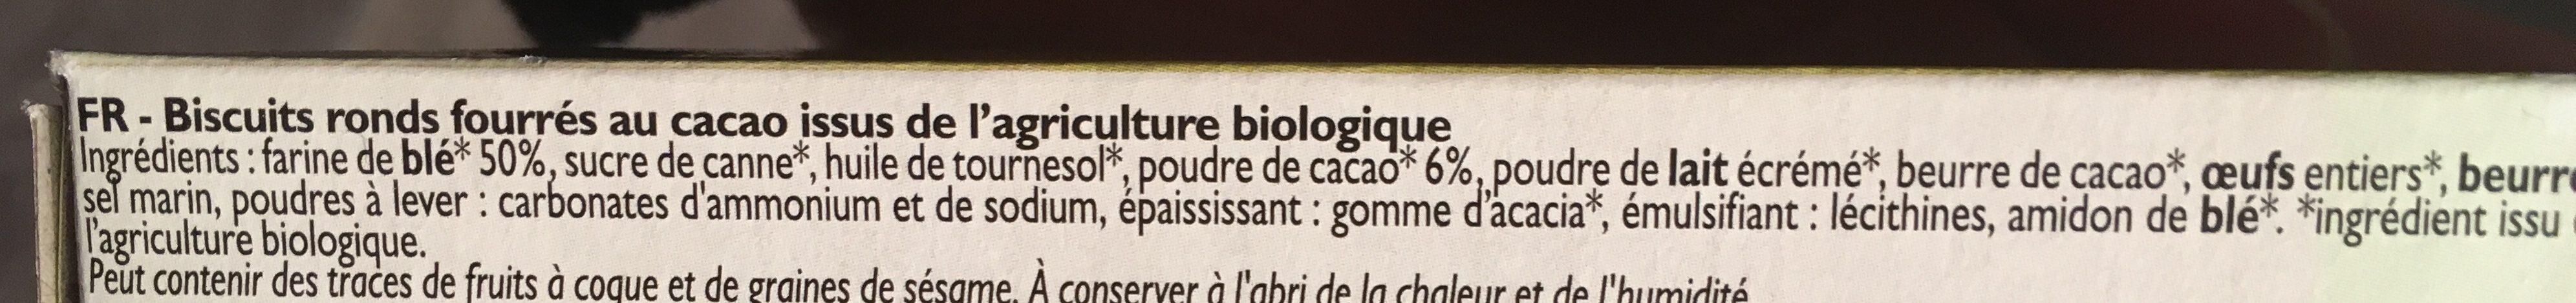 Fourrés cacao - Ingrediënten - fr